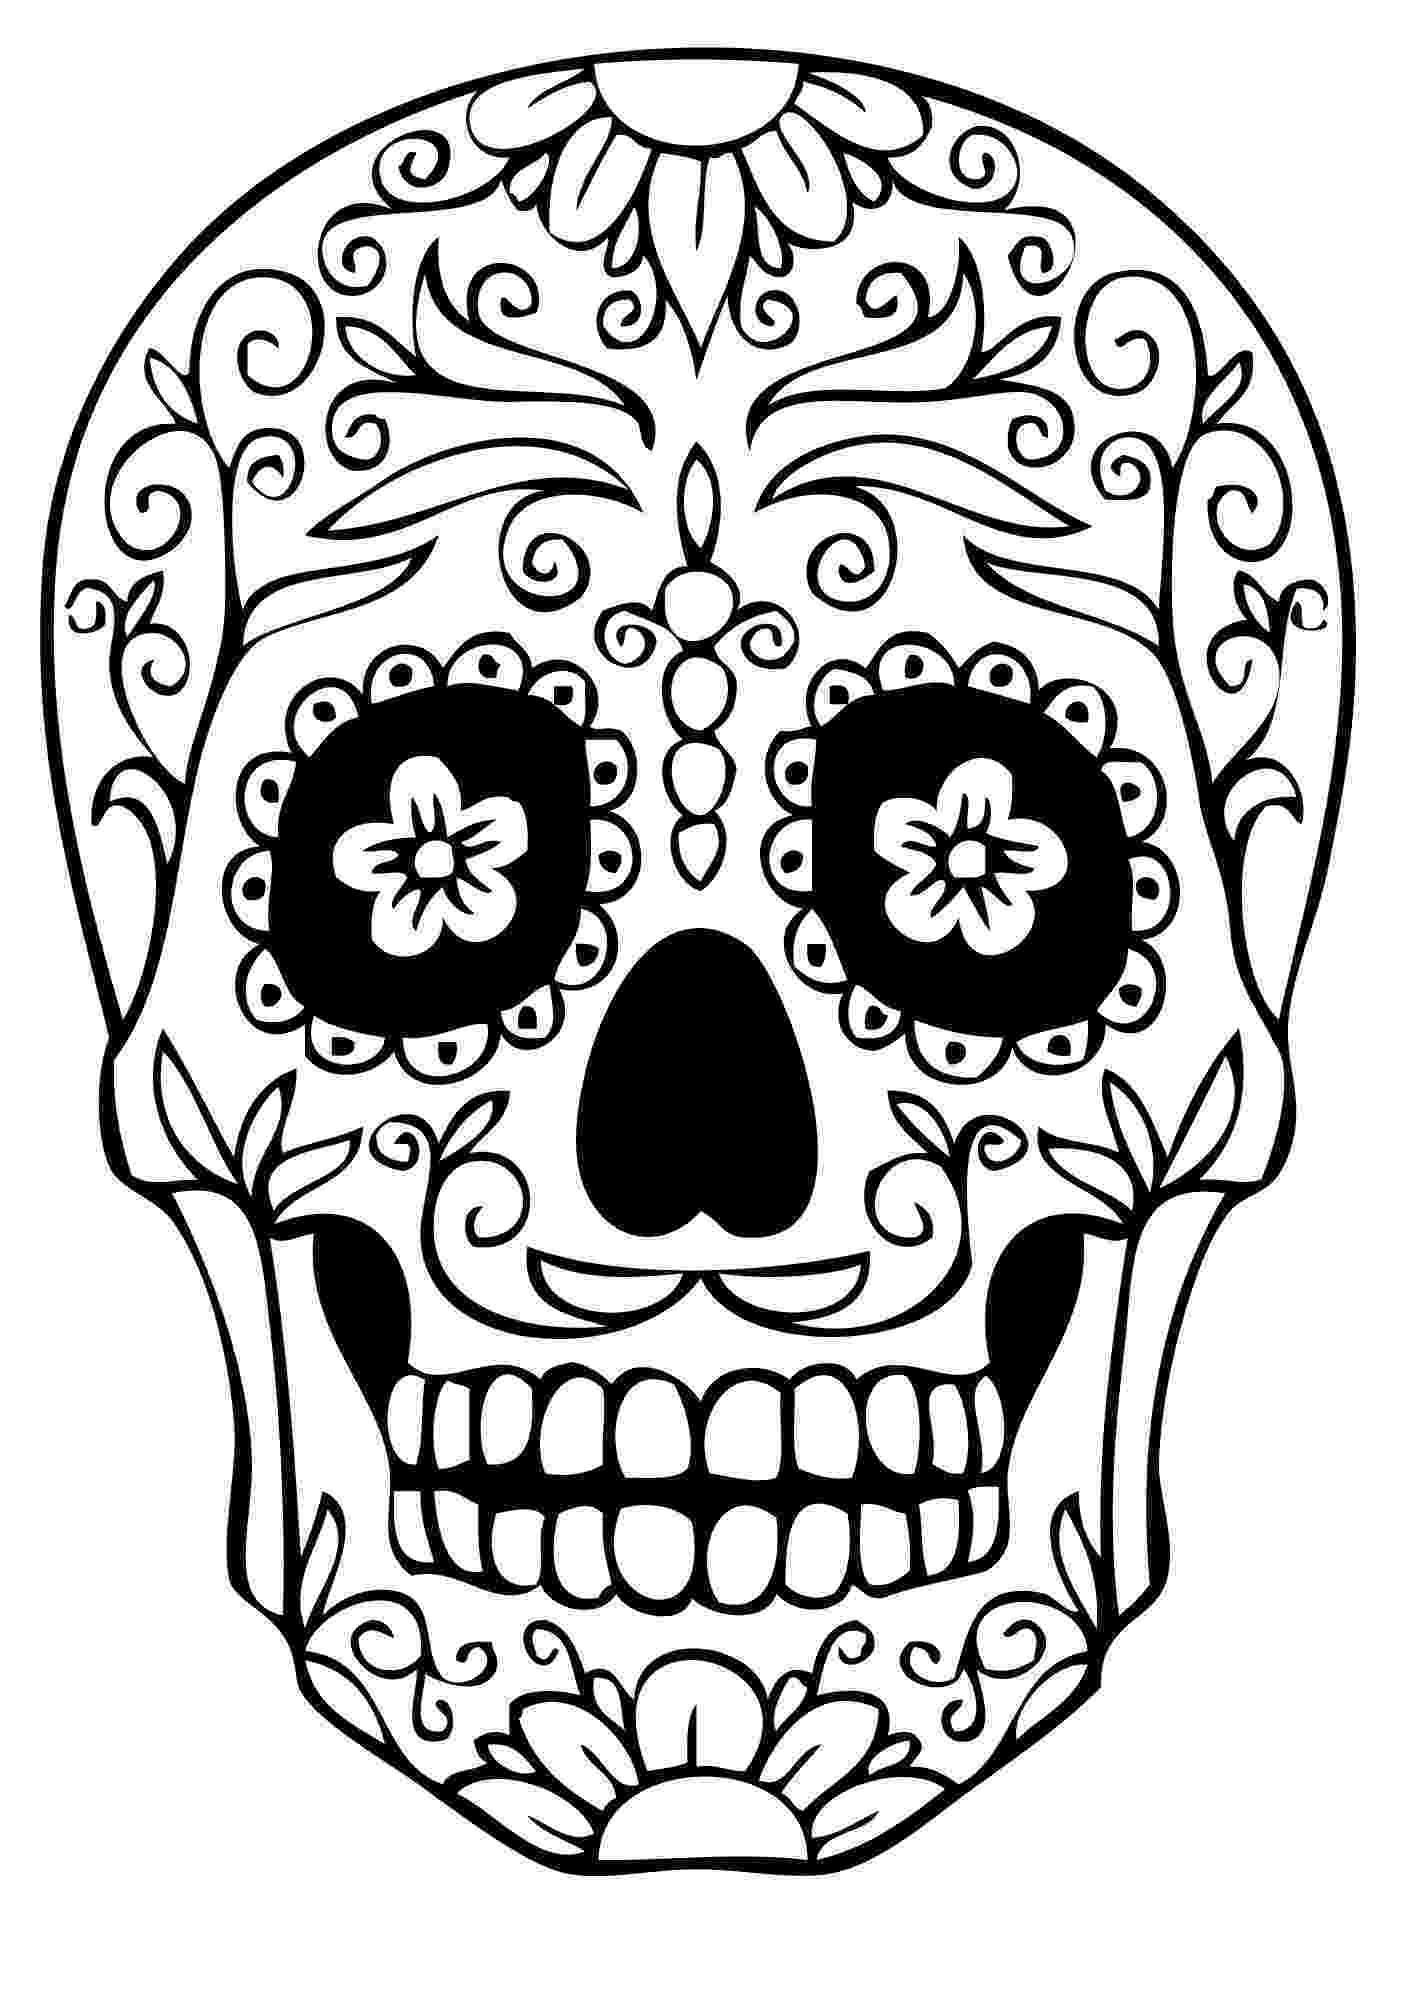 free coloring book printables sugar skull coloring pages best coloring pages for kids printables free coloring book